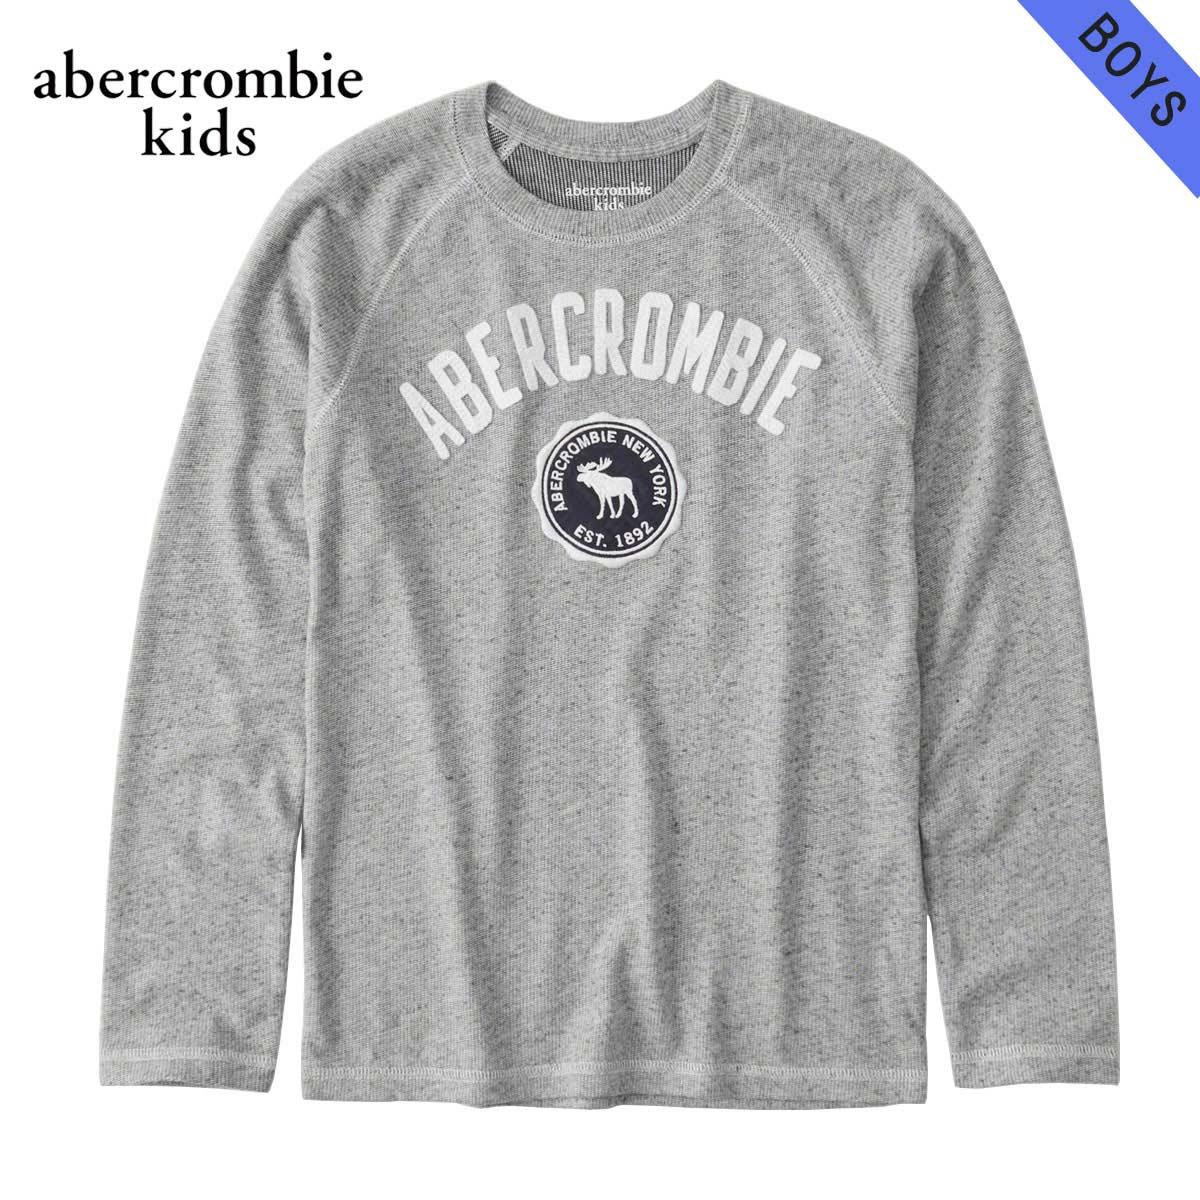 アバクロキッズ AbercrombieKids 正規品 子供服 ボーイズ クルーネック長袖Tシャツ cozy logo graphic tee 223-616-0101-011